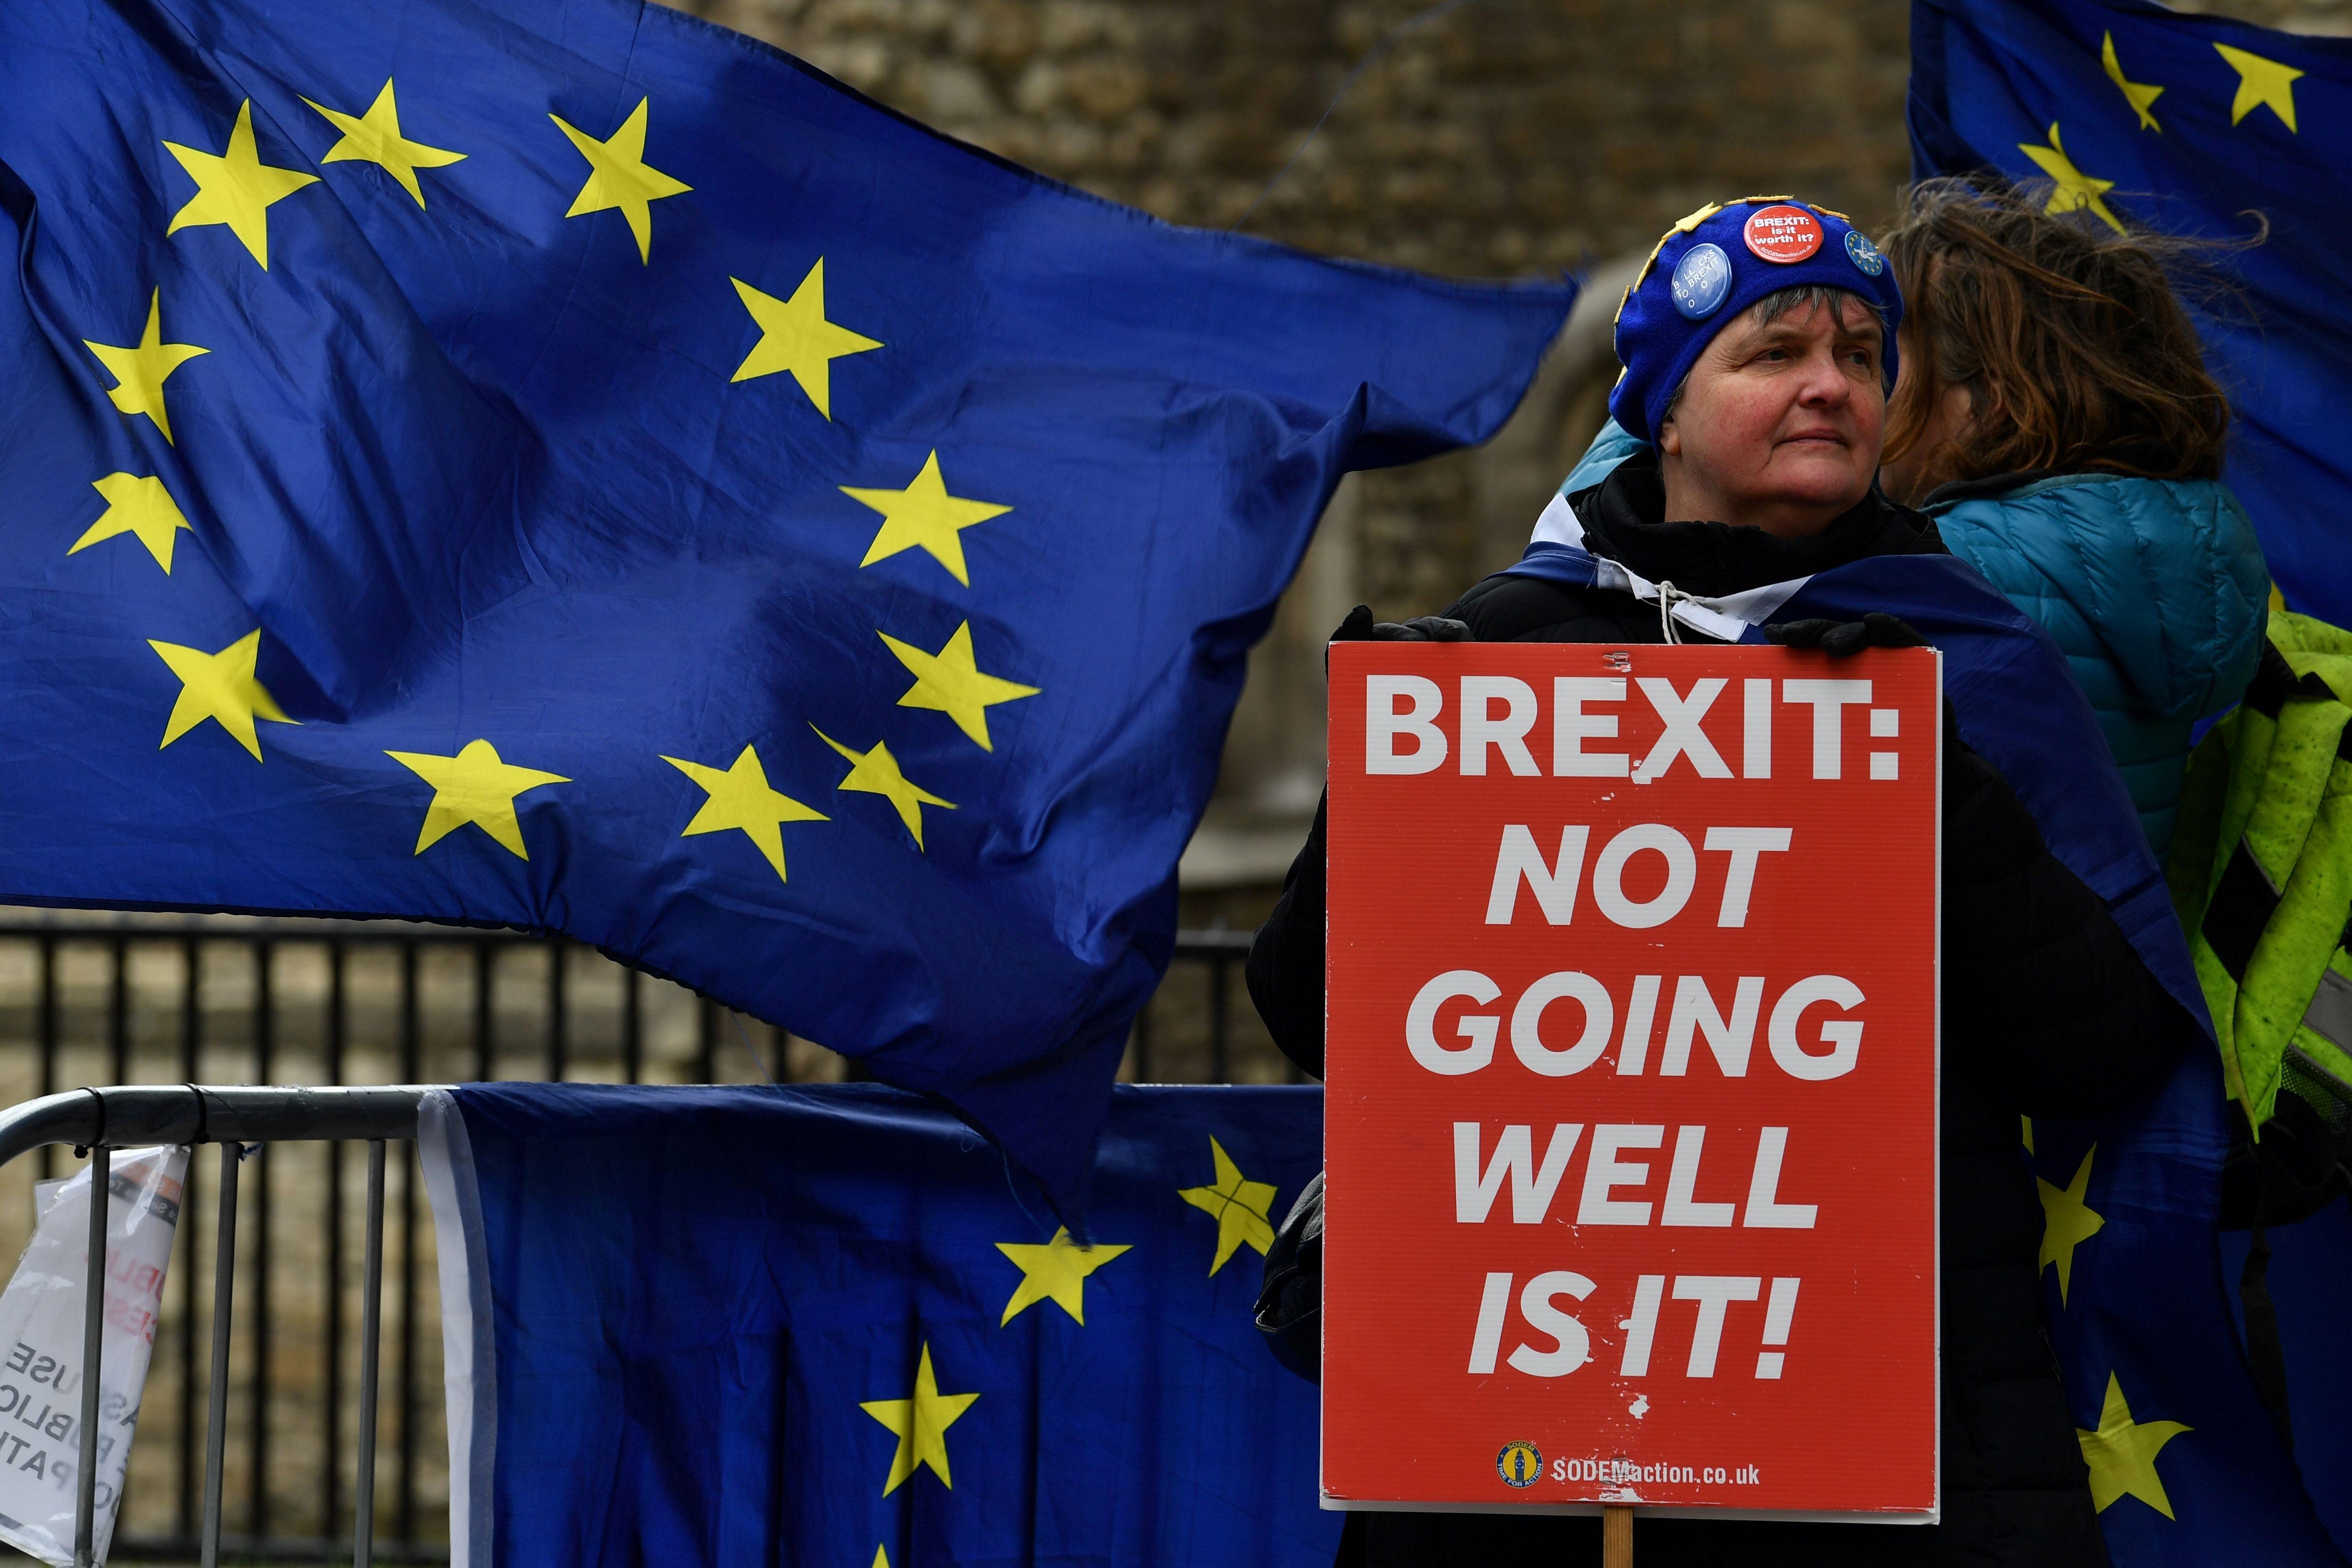 英國公投前 脫歐派有甚麼「謊言 」(二)